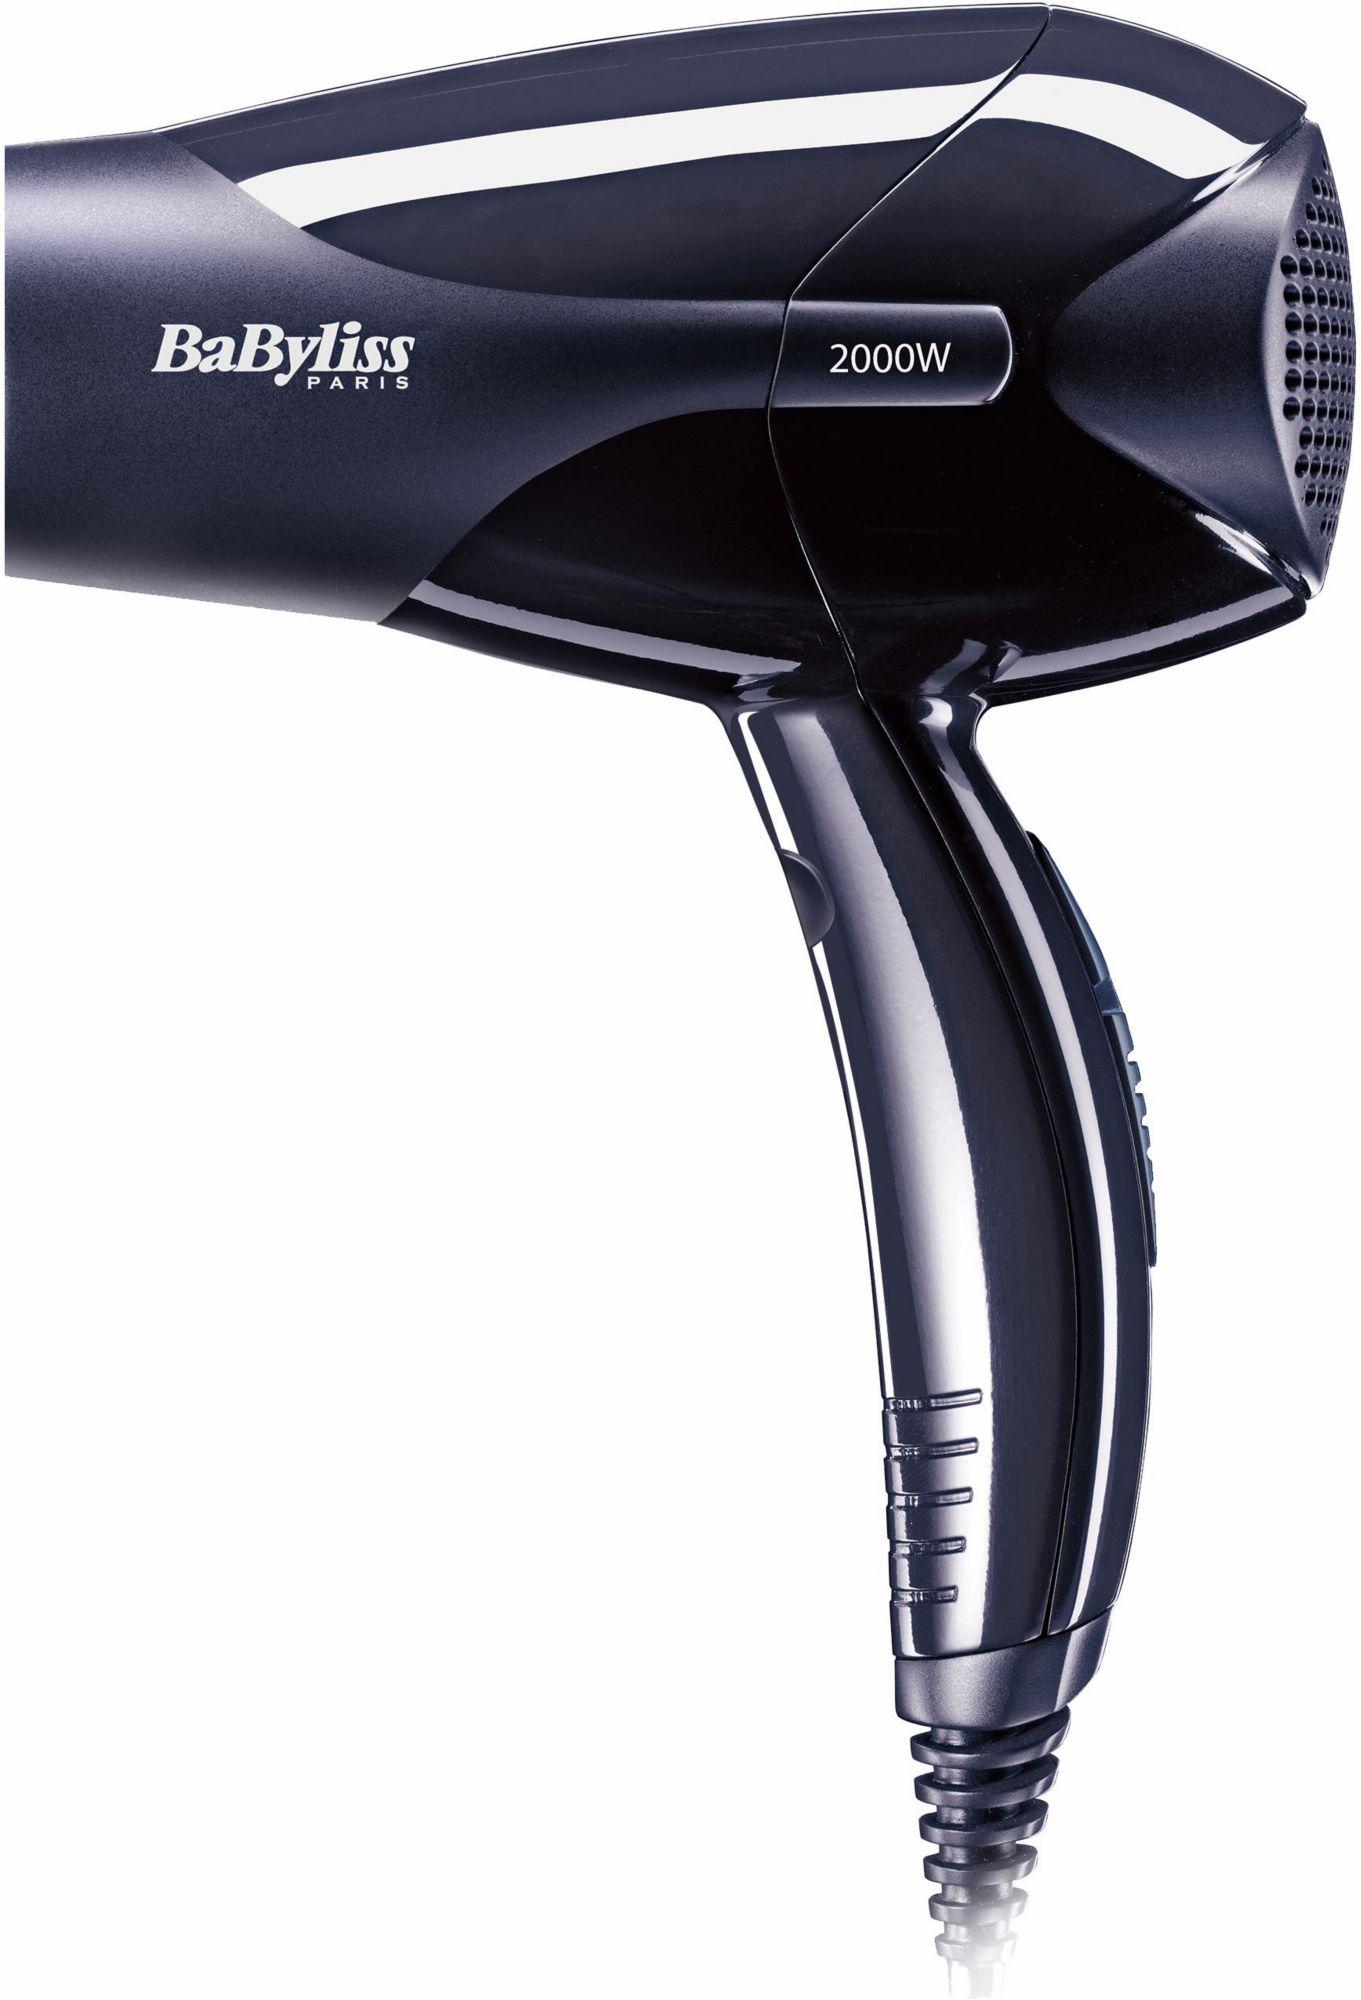 BABYLISS BaByliss D212E Expert Compact 2000W